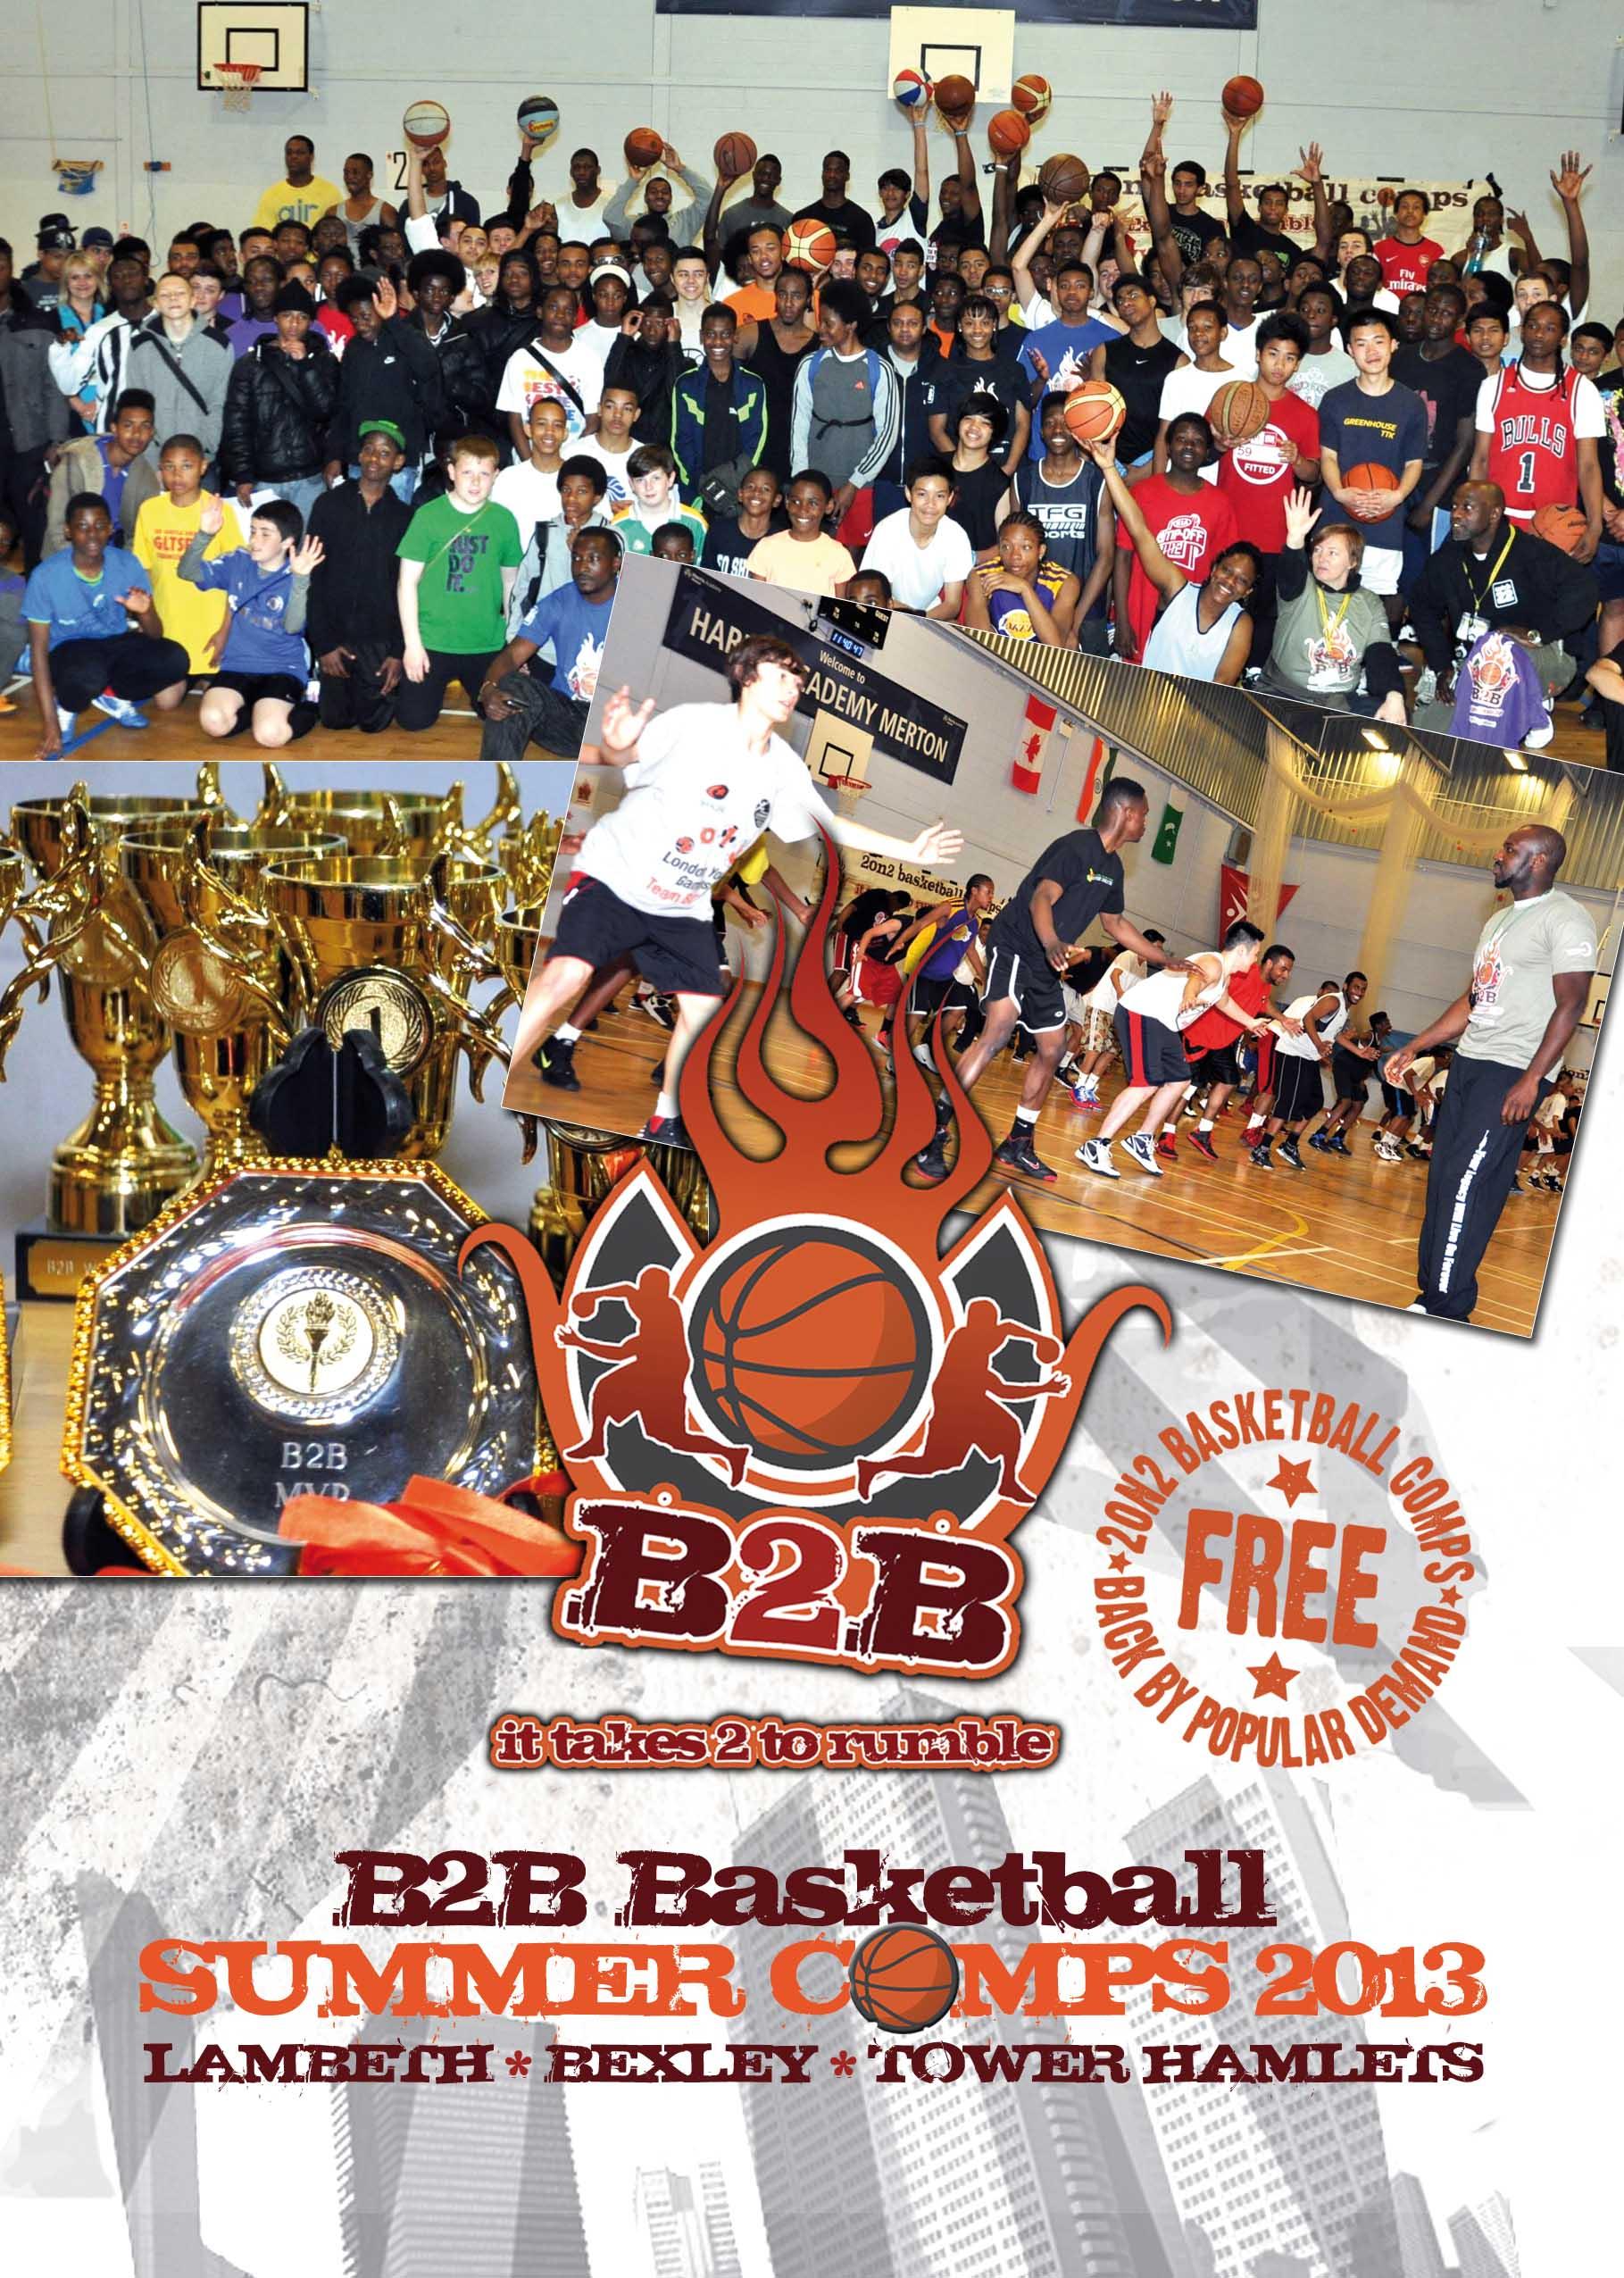 B2B Basketball Summer Comps 2013